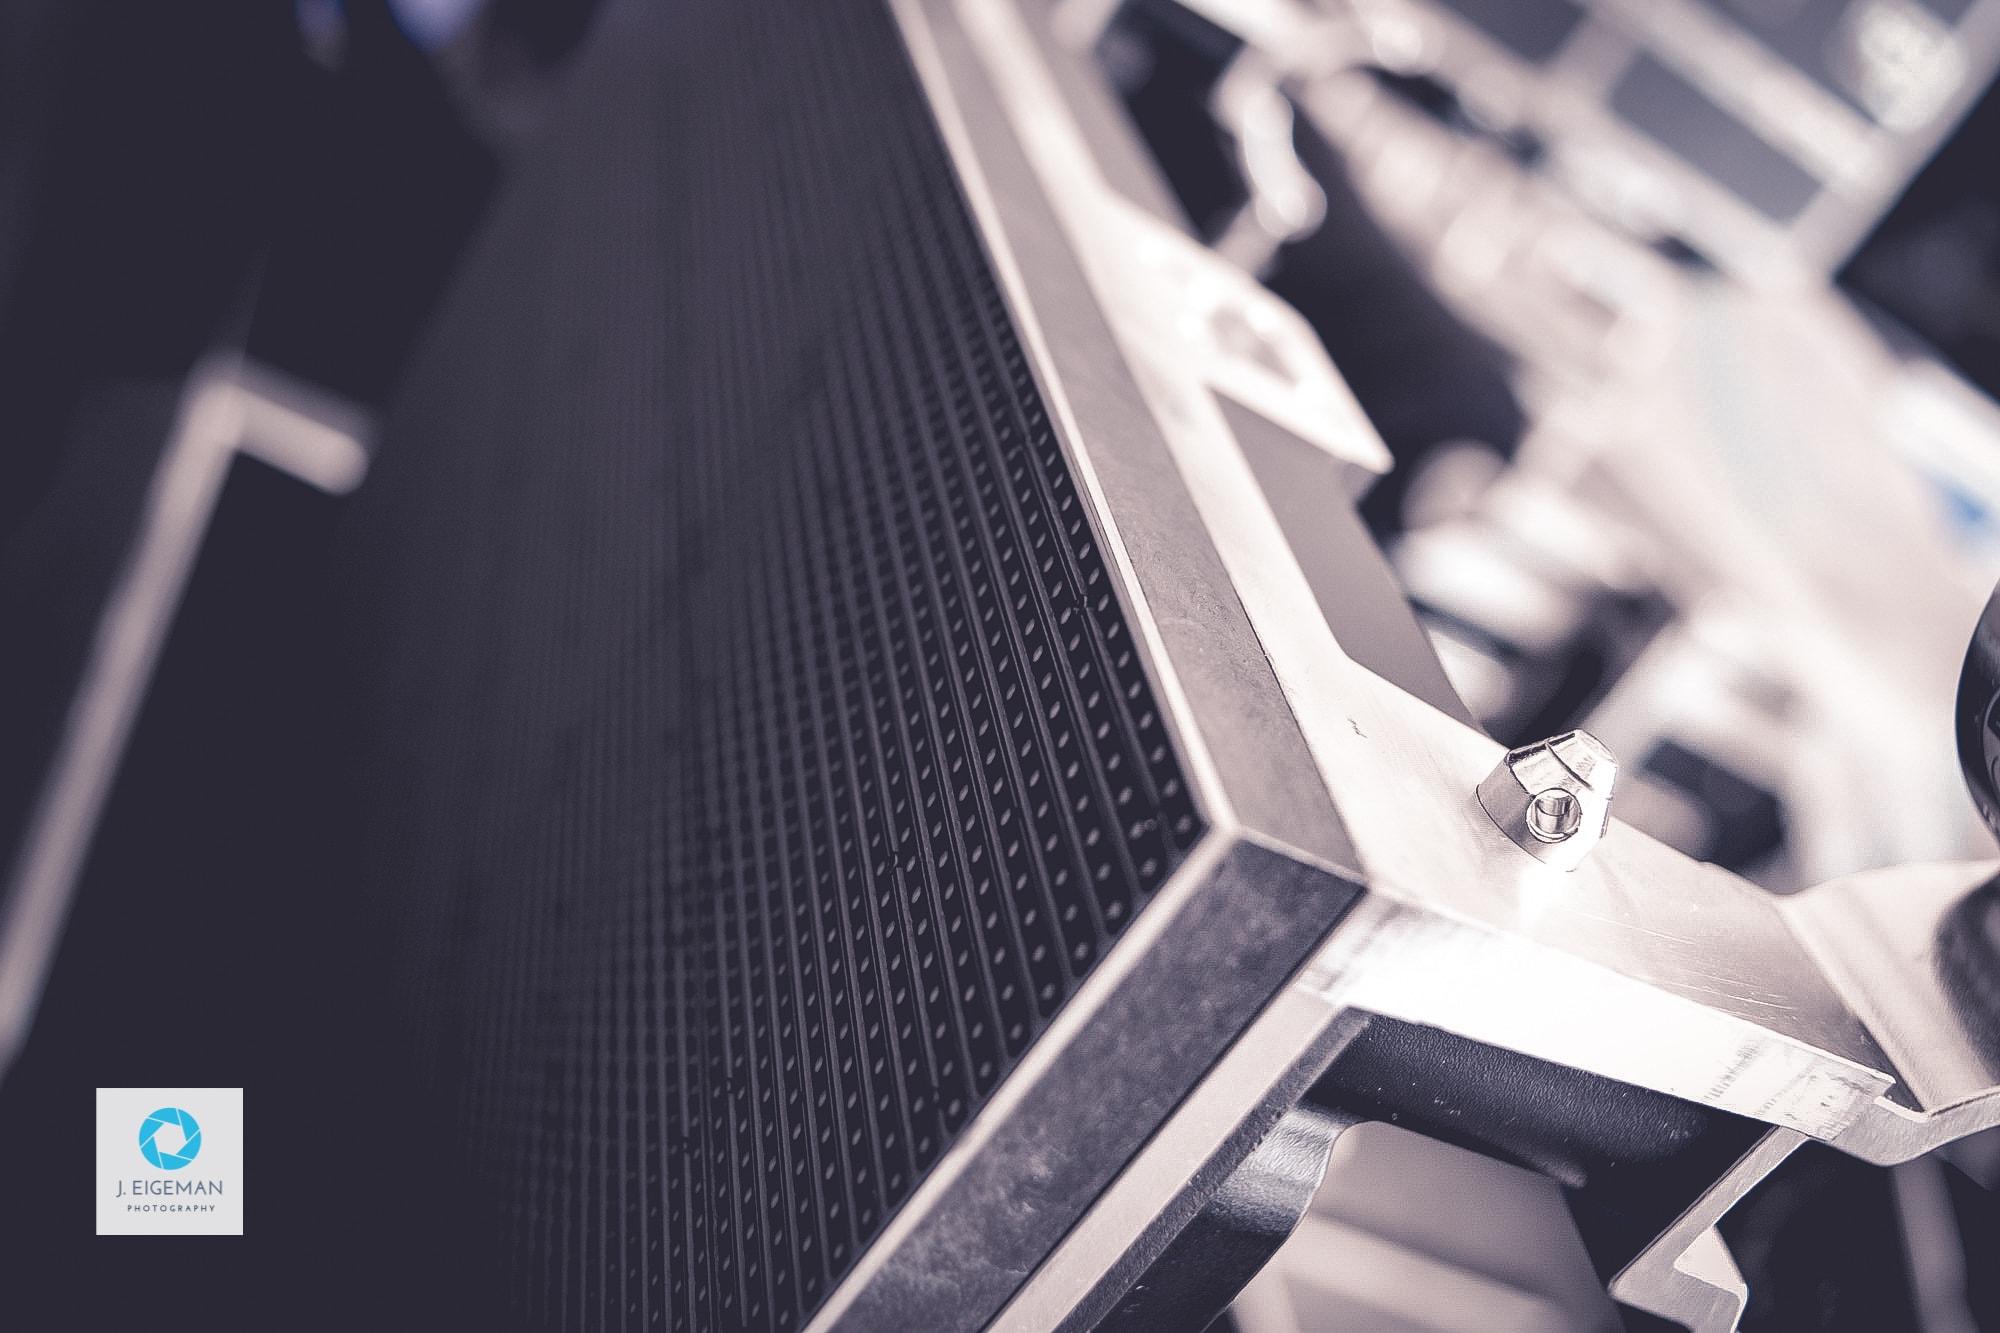 Fotografie audiovisueel bedrijf (1)